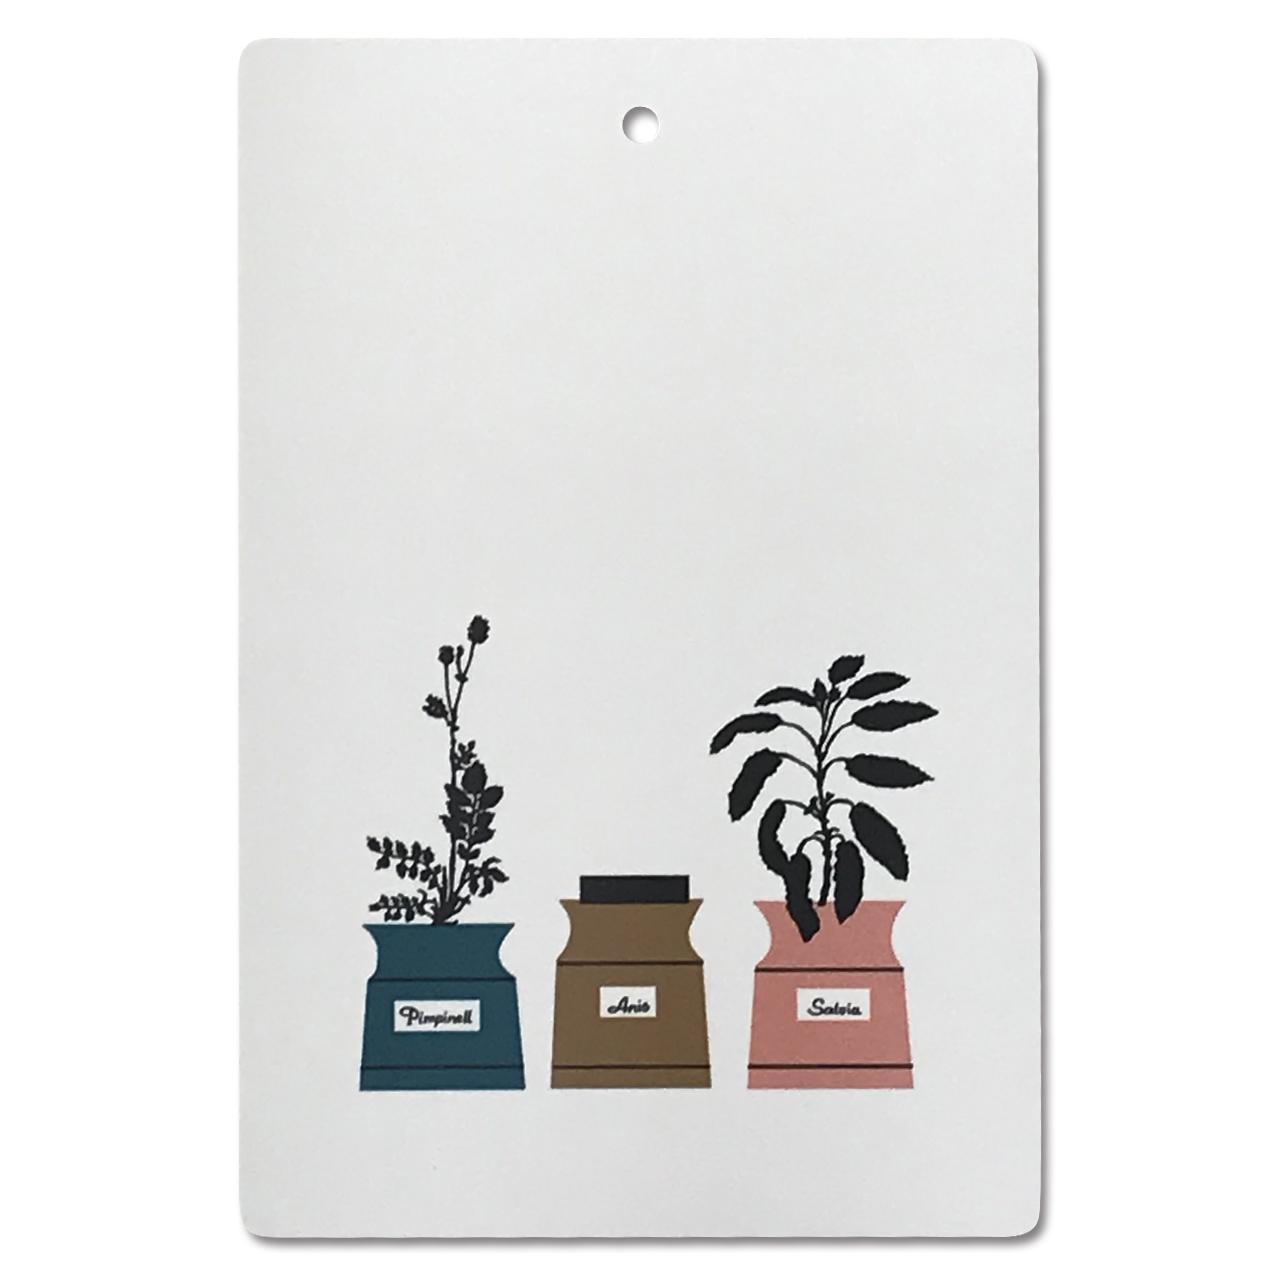 カッティングボード Persons kryddskåp 30×20cm グリーン/ピンク